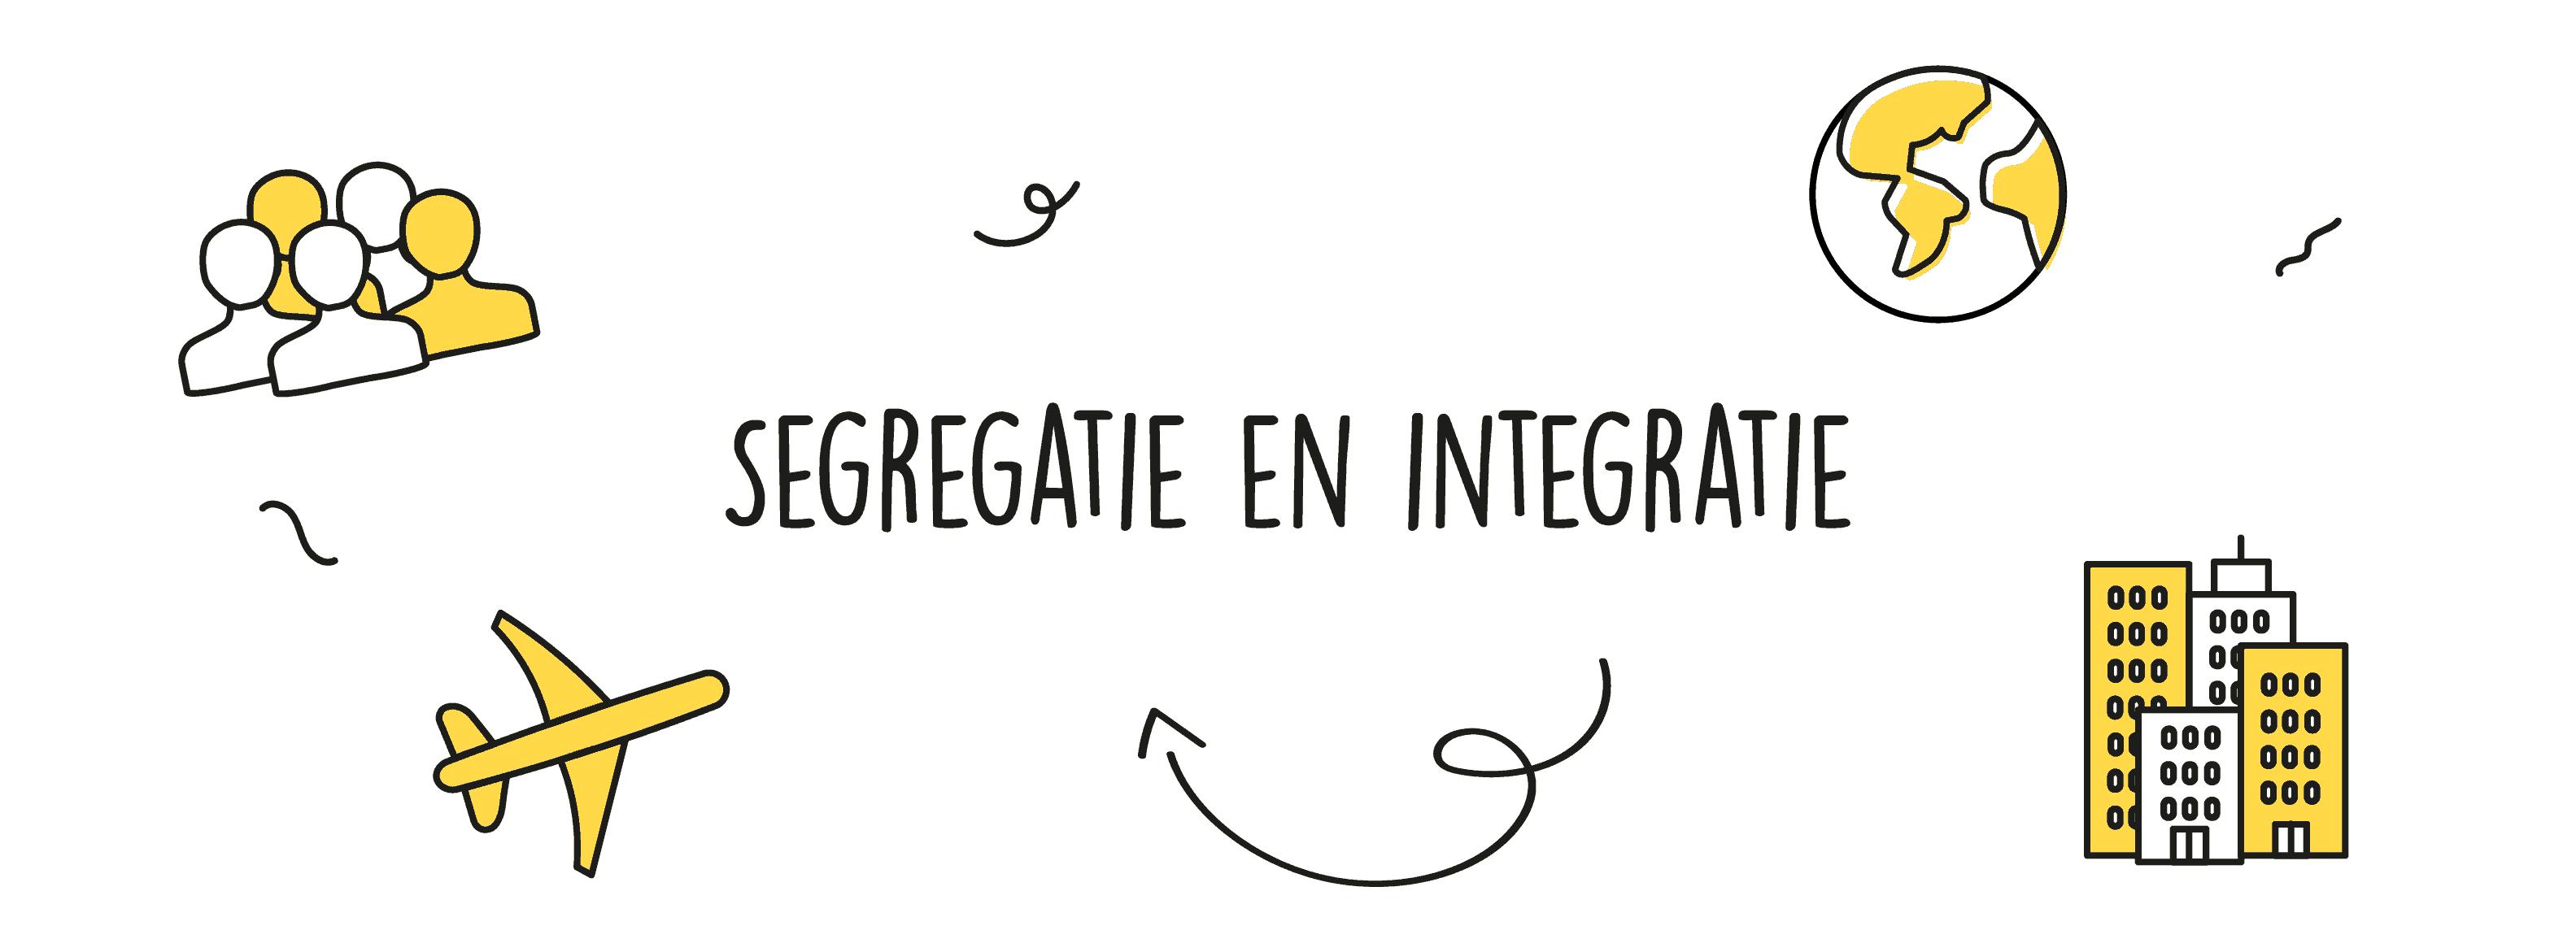 Segregatie en integratie